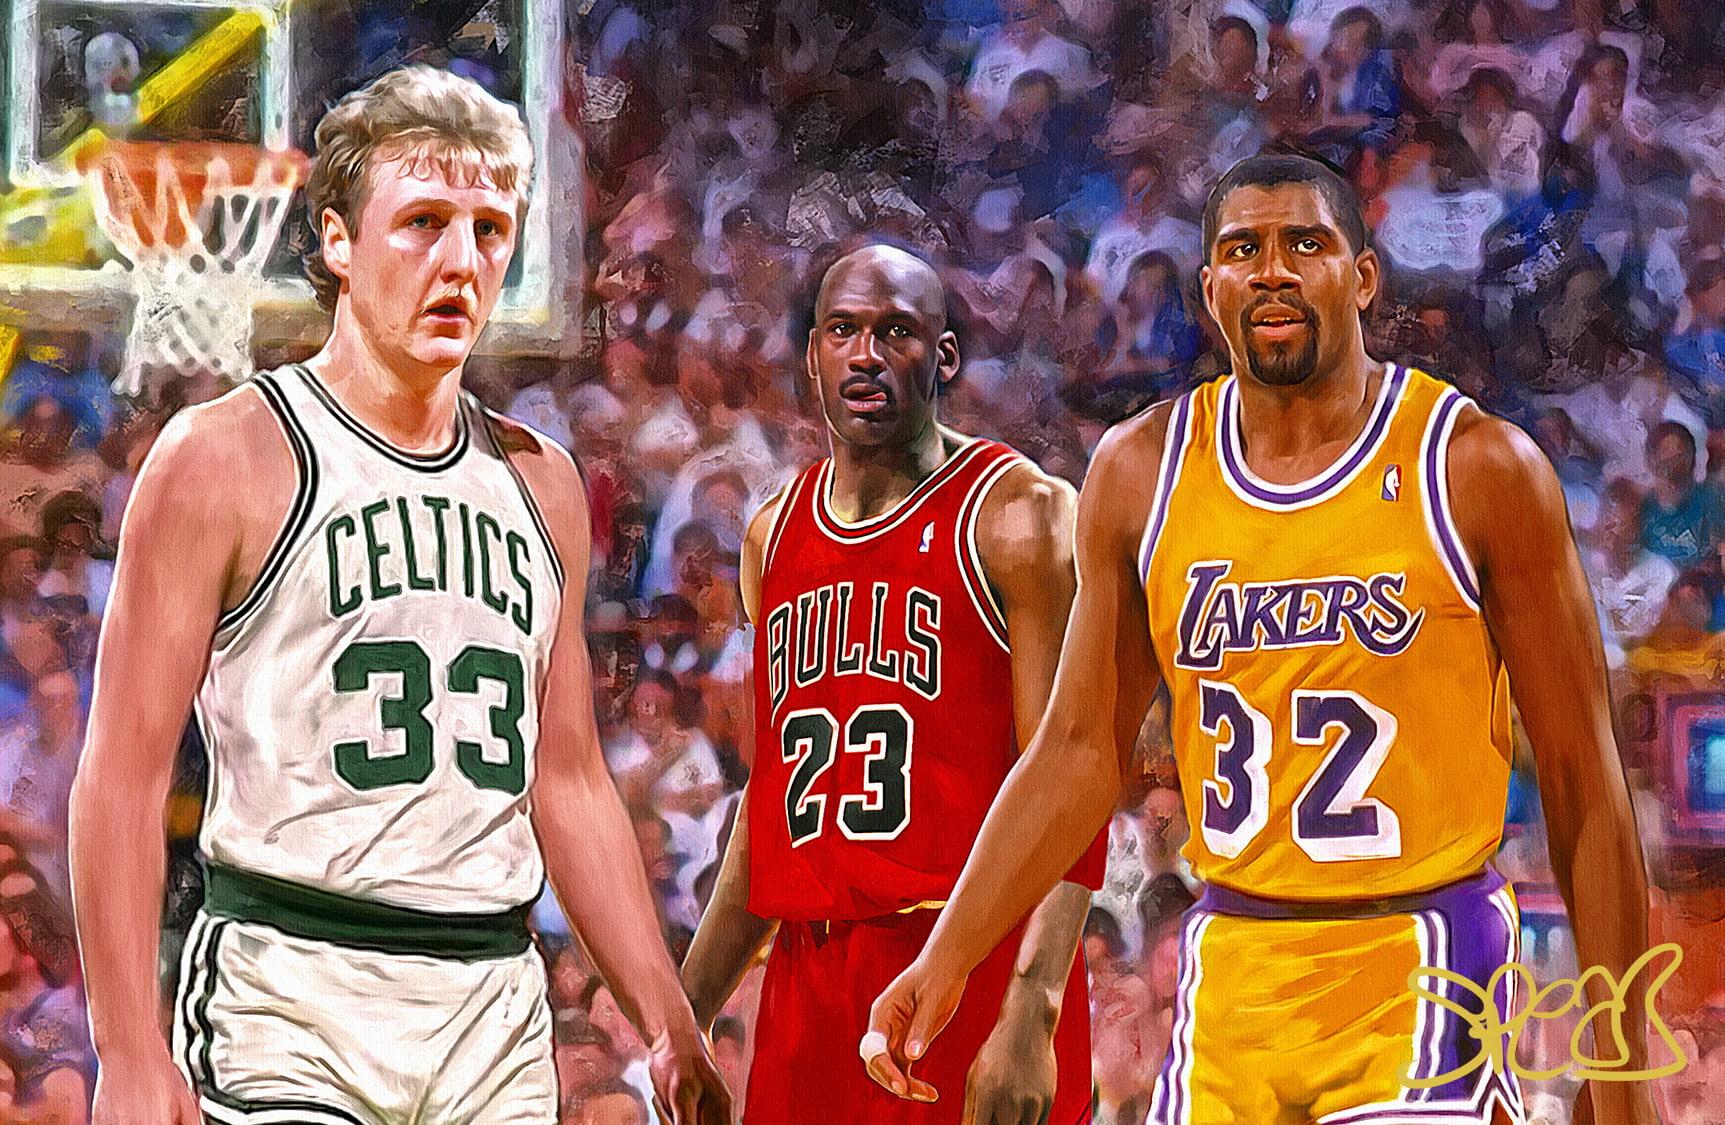 artist signed original art 80 s basketball legends larry bird magic johnson michael jordan 11x17 fine art poster print